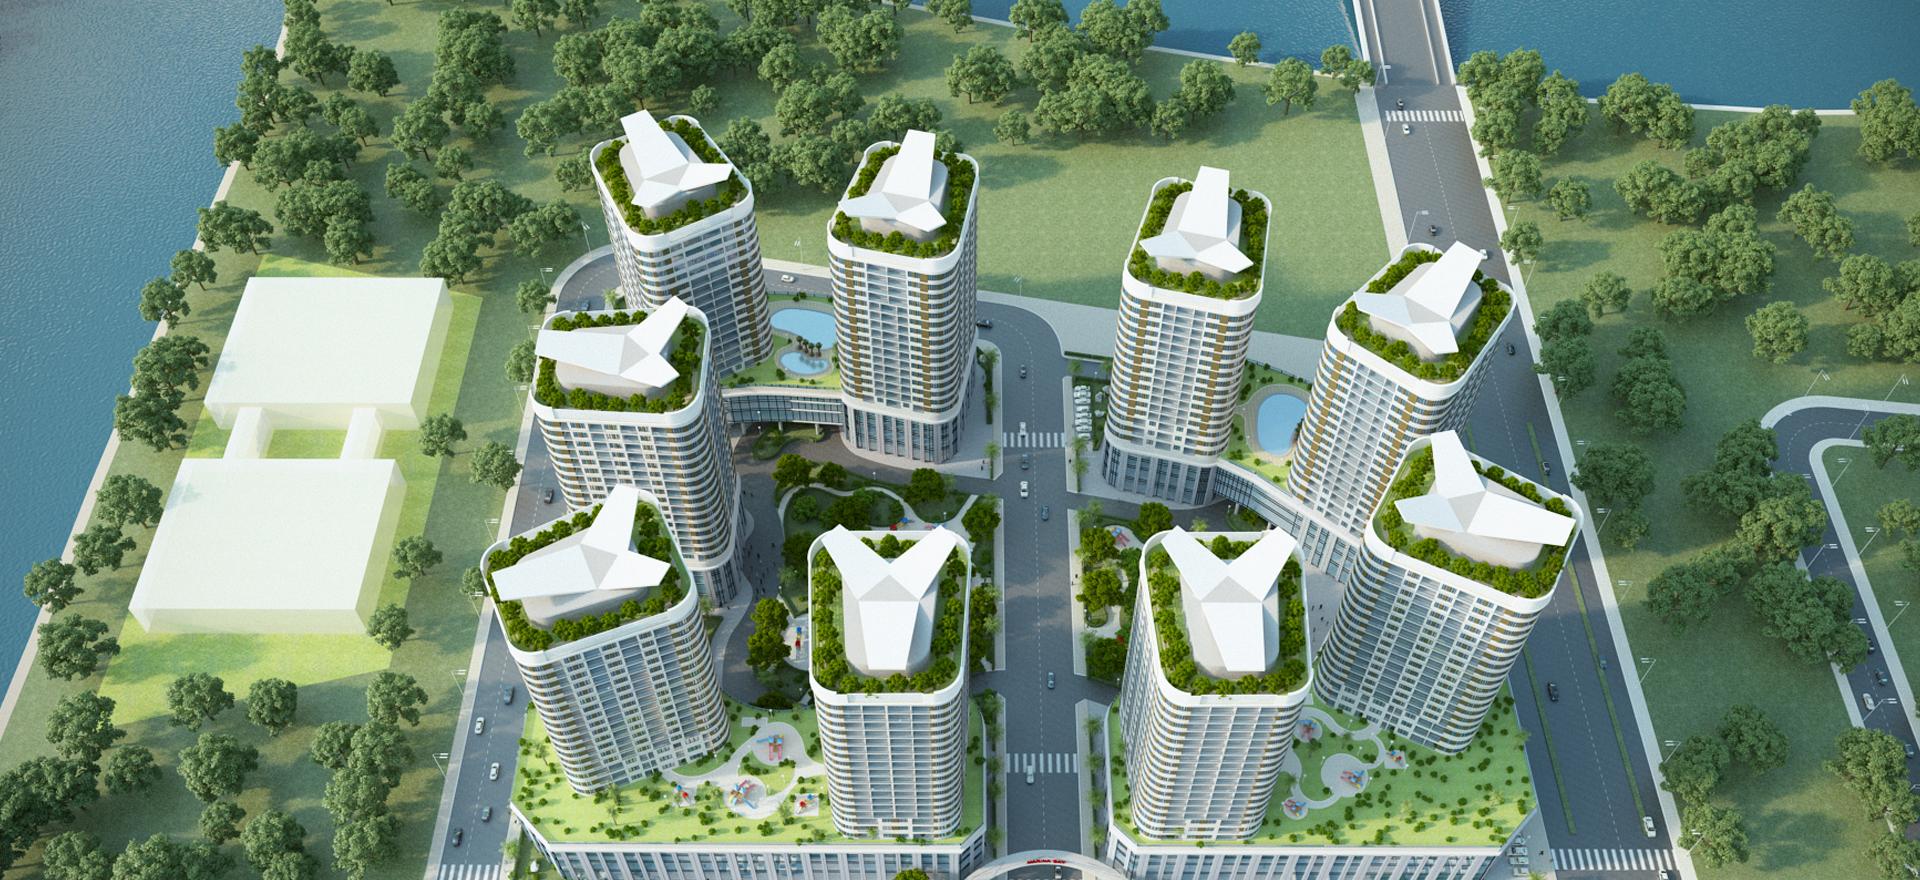 Dự án Marina Bay Thủ Thiêm và dự án Thủ Thiêm Lakeview do CII đầu tư. Dự án căn hộ Marina Bay và Thủ Thiêm Lake View quận 2 đang bán nội bộ